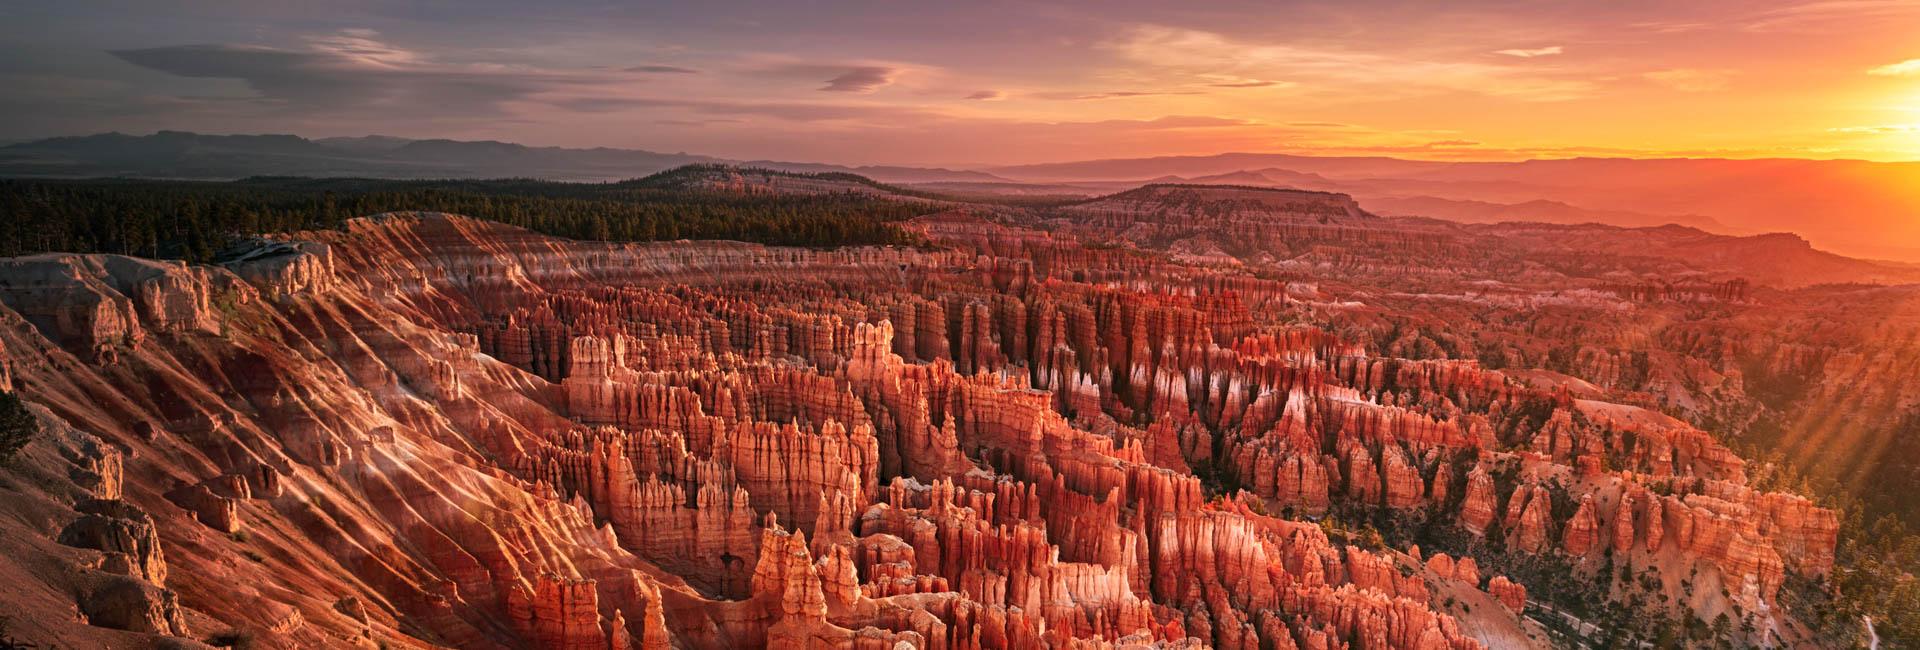 Bryce Canyon at dawn.